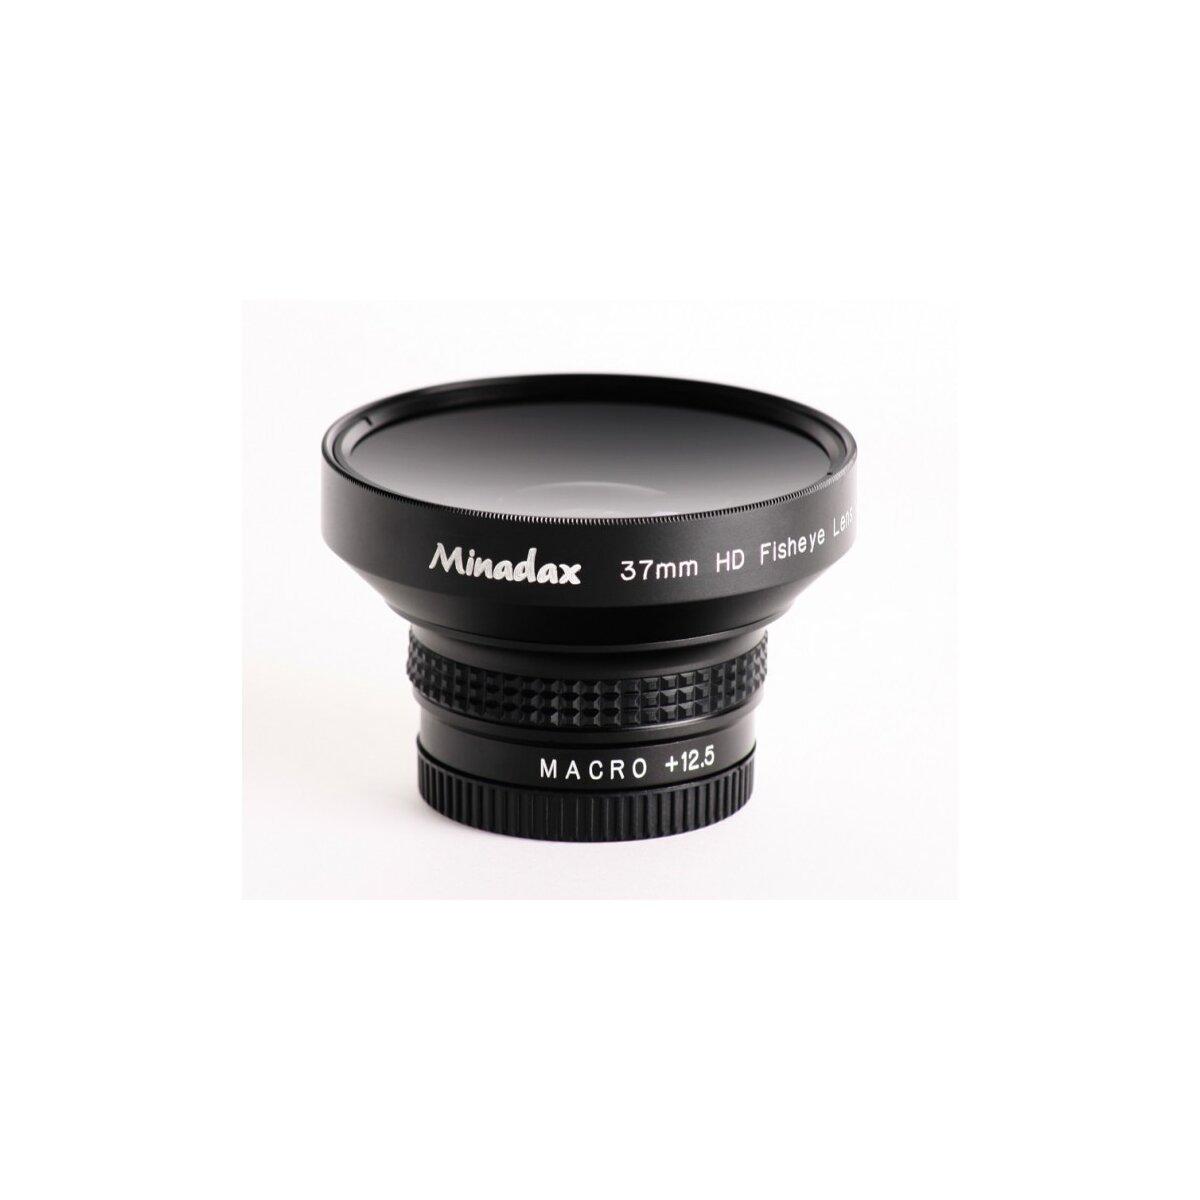 Minadax 0.25x Fisheye Vorsatz kompatibel mit Canon MVX300, MVX330i, MVX350i, Legria HF R26, Legria HF R28, Legria HF R206 - in schwarz